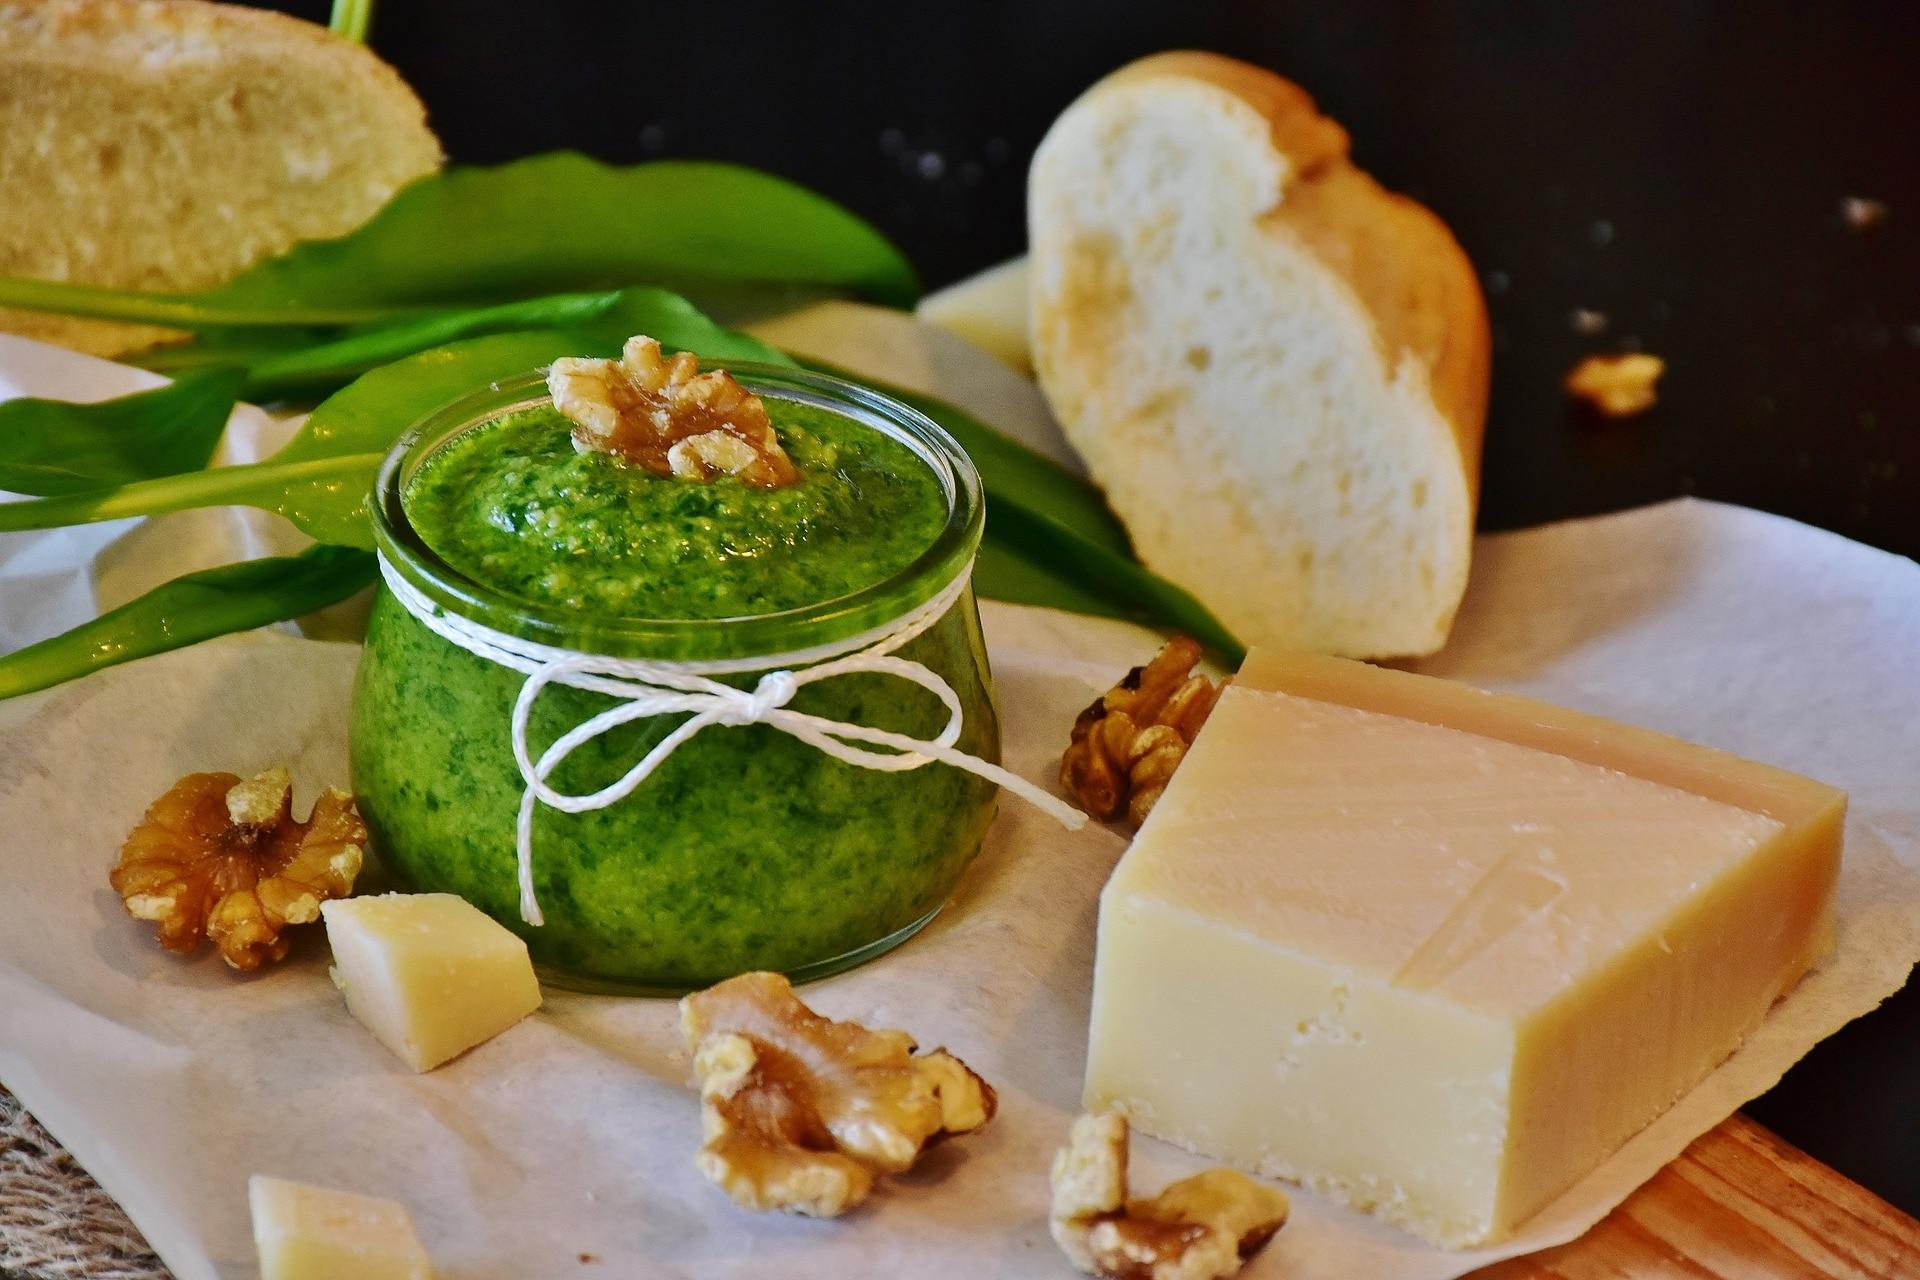 Ingrediente esencial del pesto, las hojas de albahaca fresca son usadas en Oriente para agregar a los platos de curry y algunos dulces. En Francia, las remojan en el aceite de oliva que después usan para aderezar ensaladas.